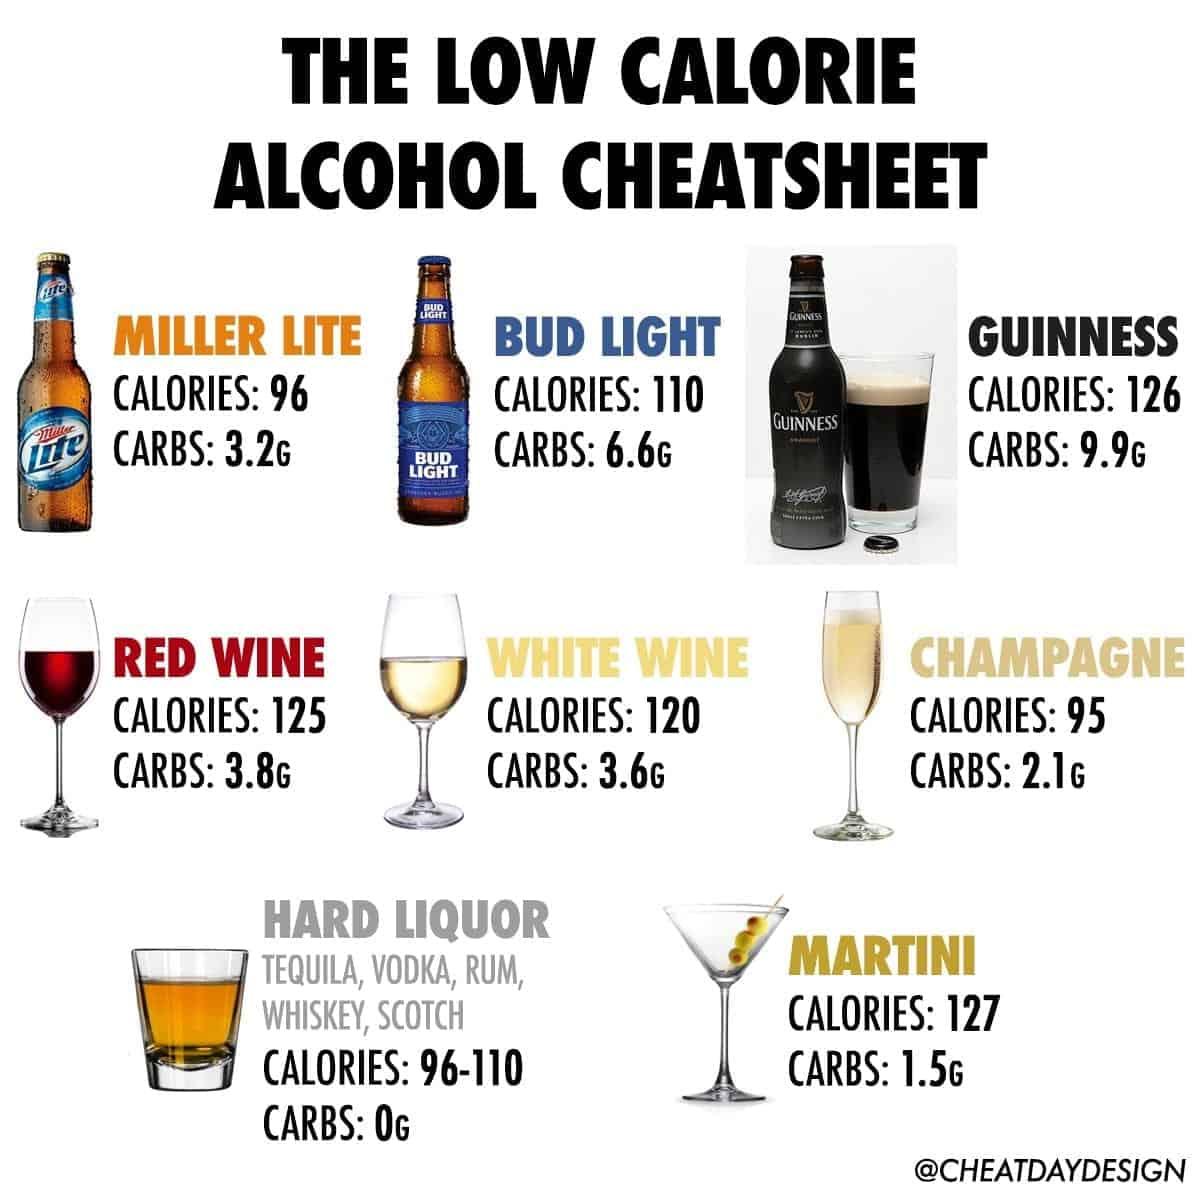 Low Calorie Alcohol